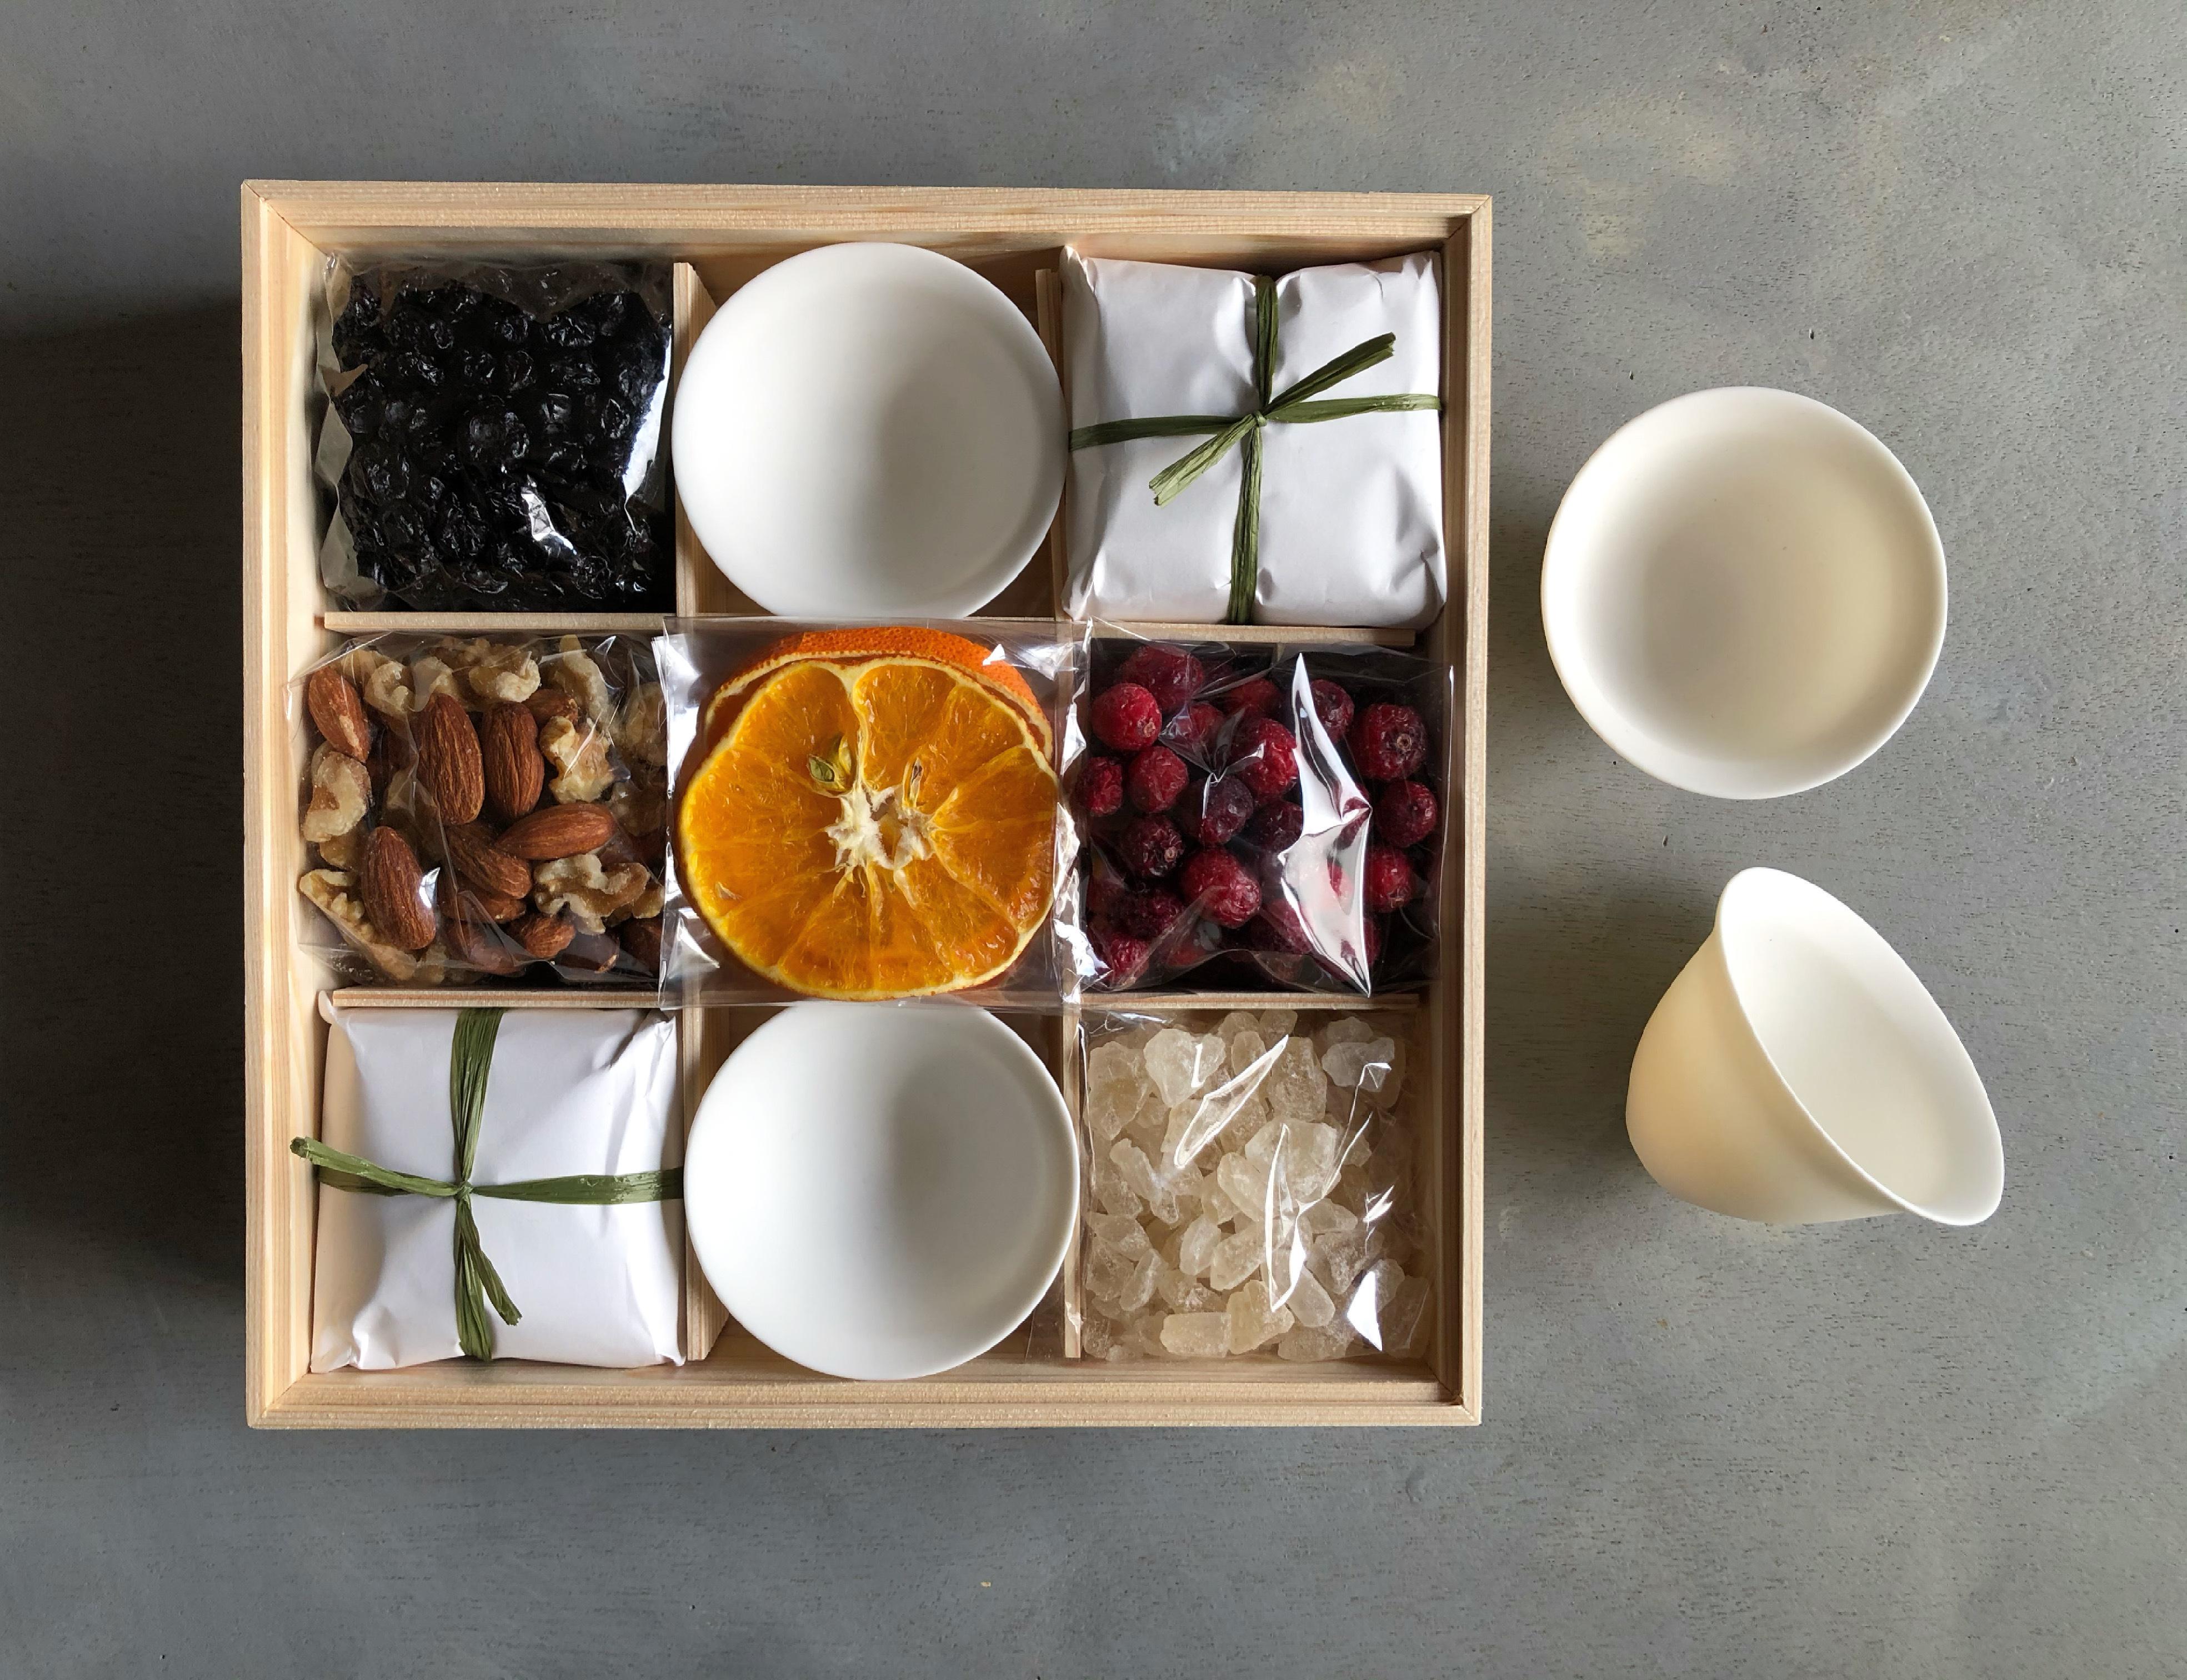 野草茶と木の実_霖